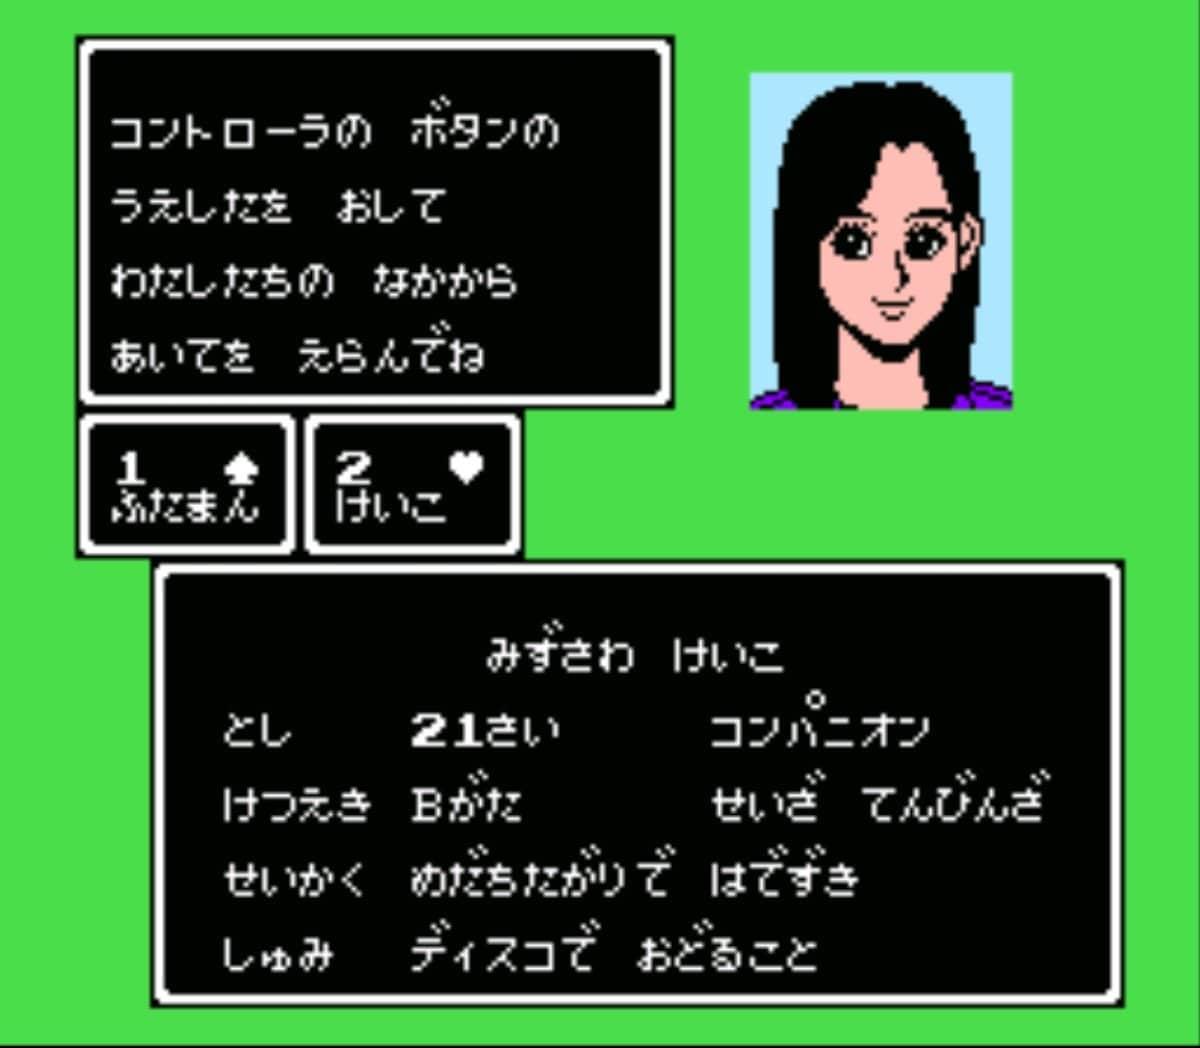 桃鉄だけじゃない、ファミコン芸人・フジタが選ぶみんながハマった「すごろくゲーム」といえばコレ!の画像006